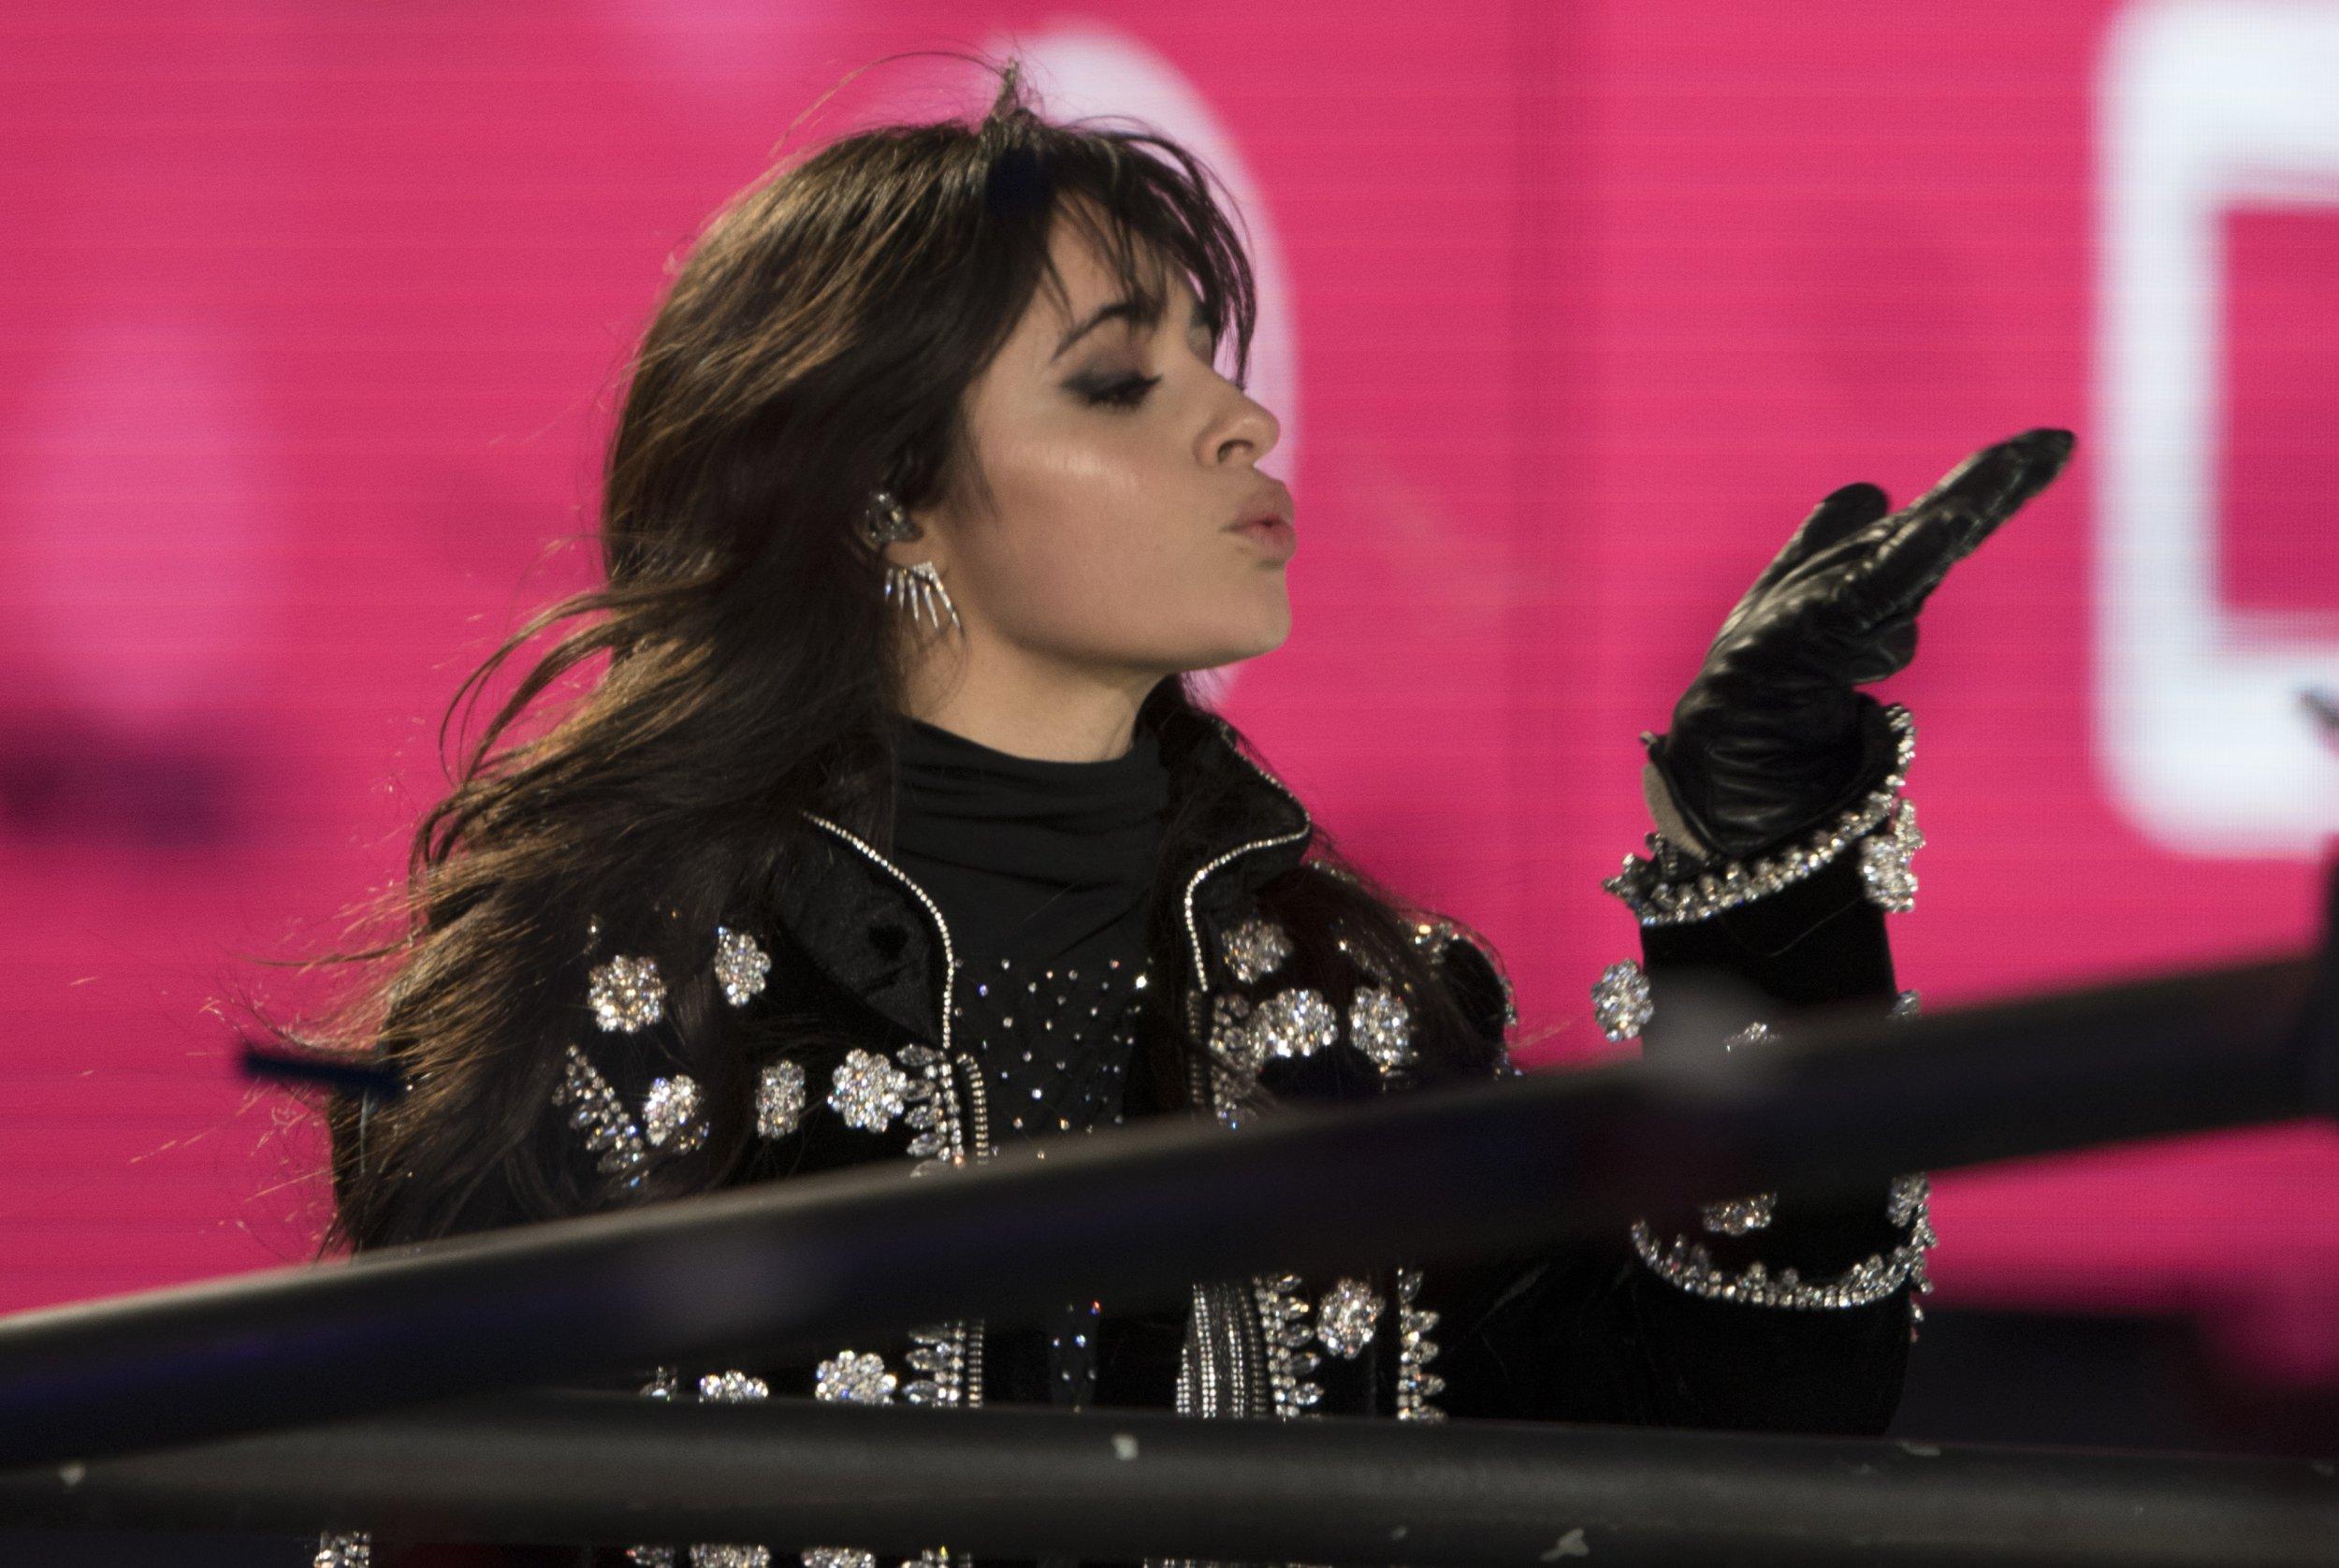 Camila Cabello Estrabao